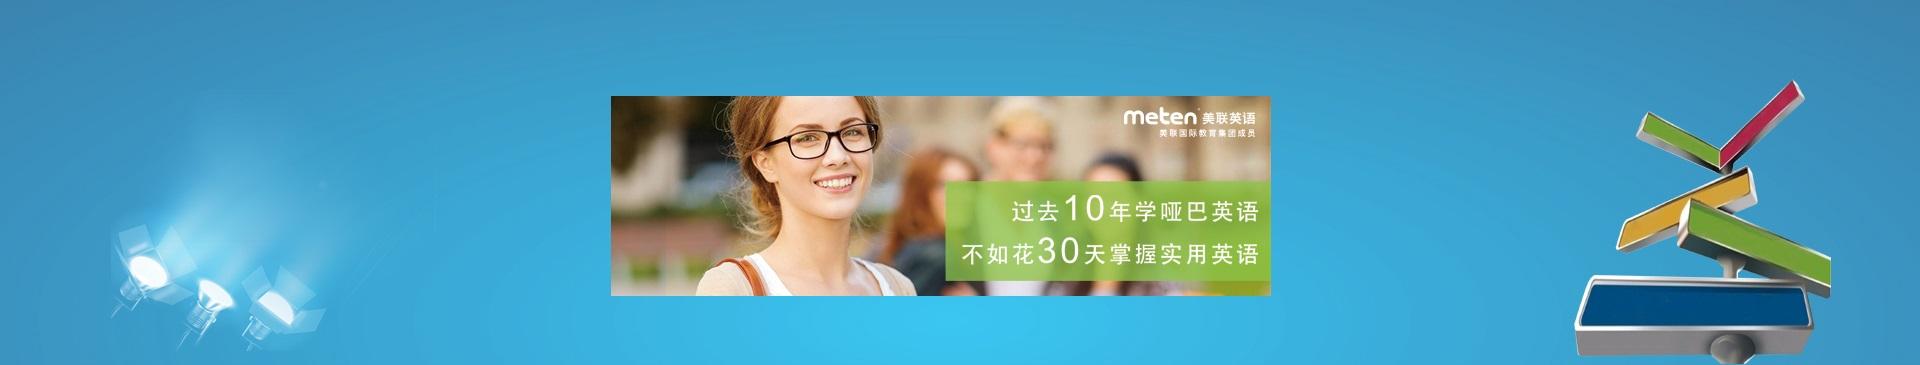 广州天河区万菱汇美联英语培训